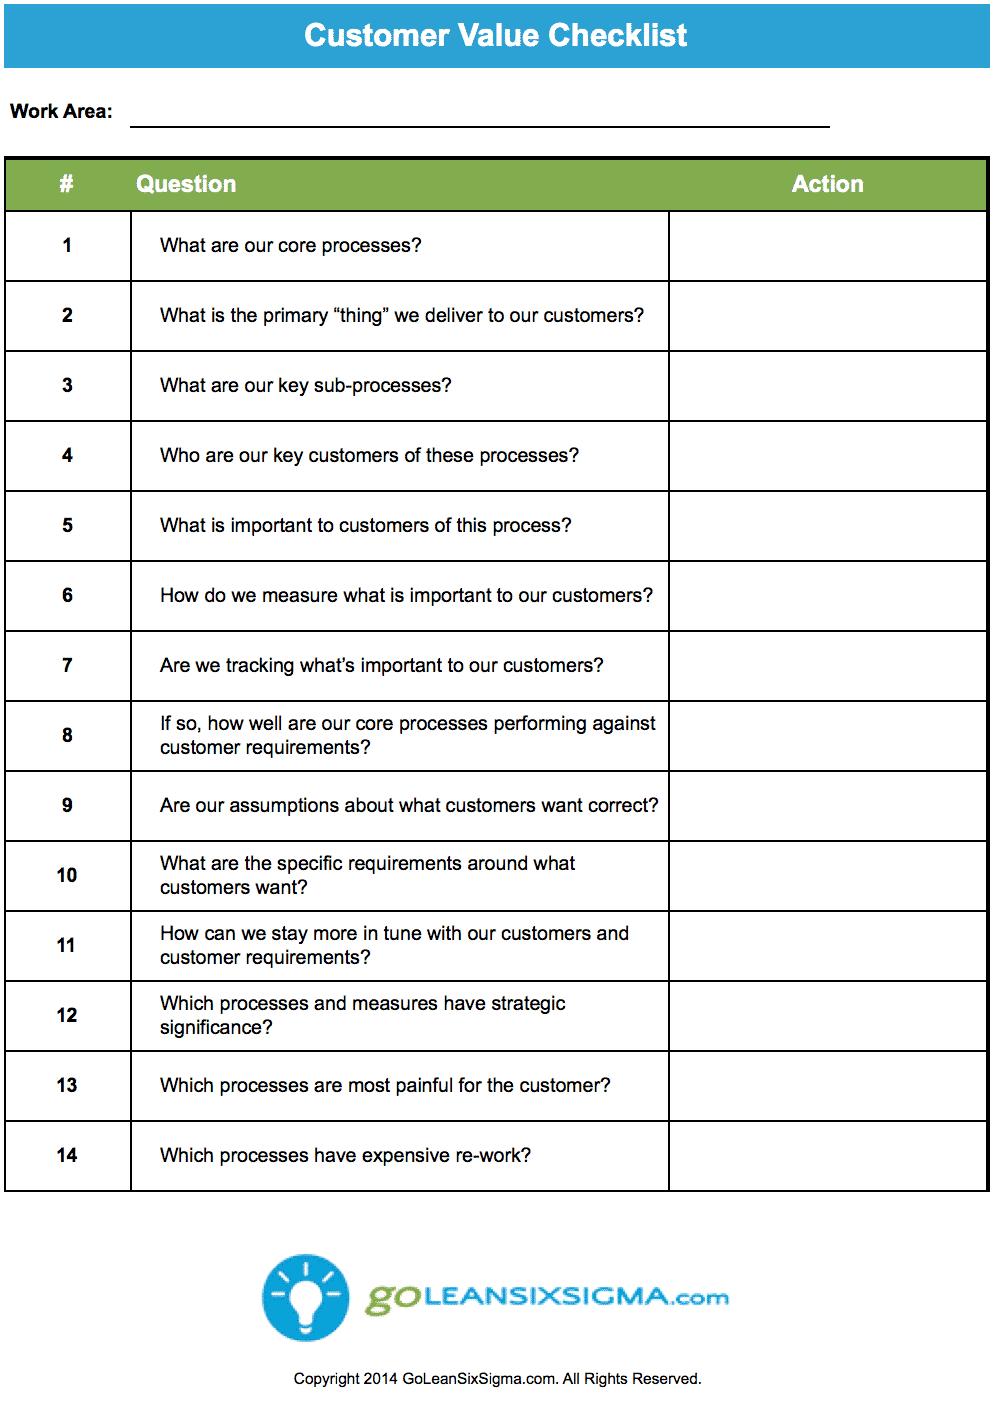 customer value checklist